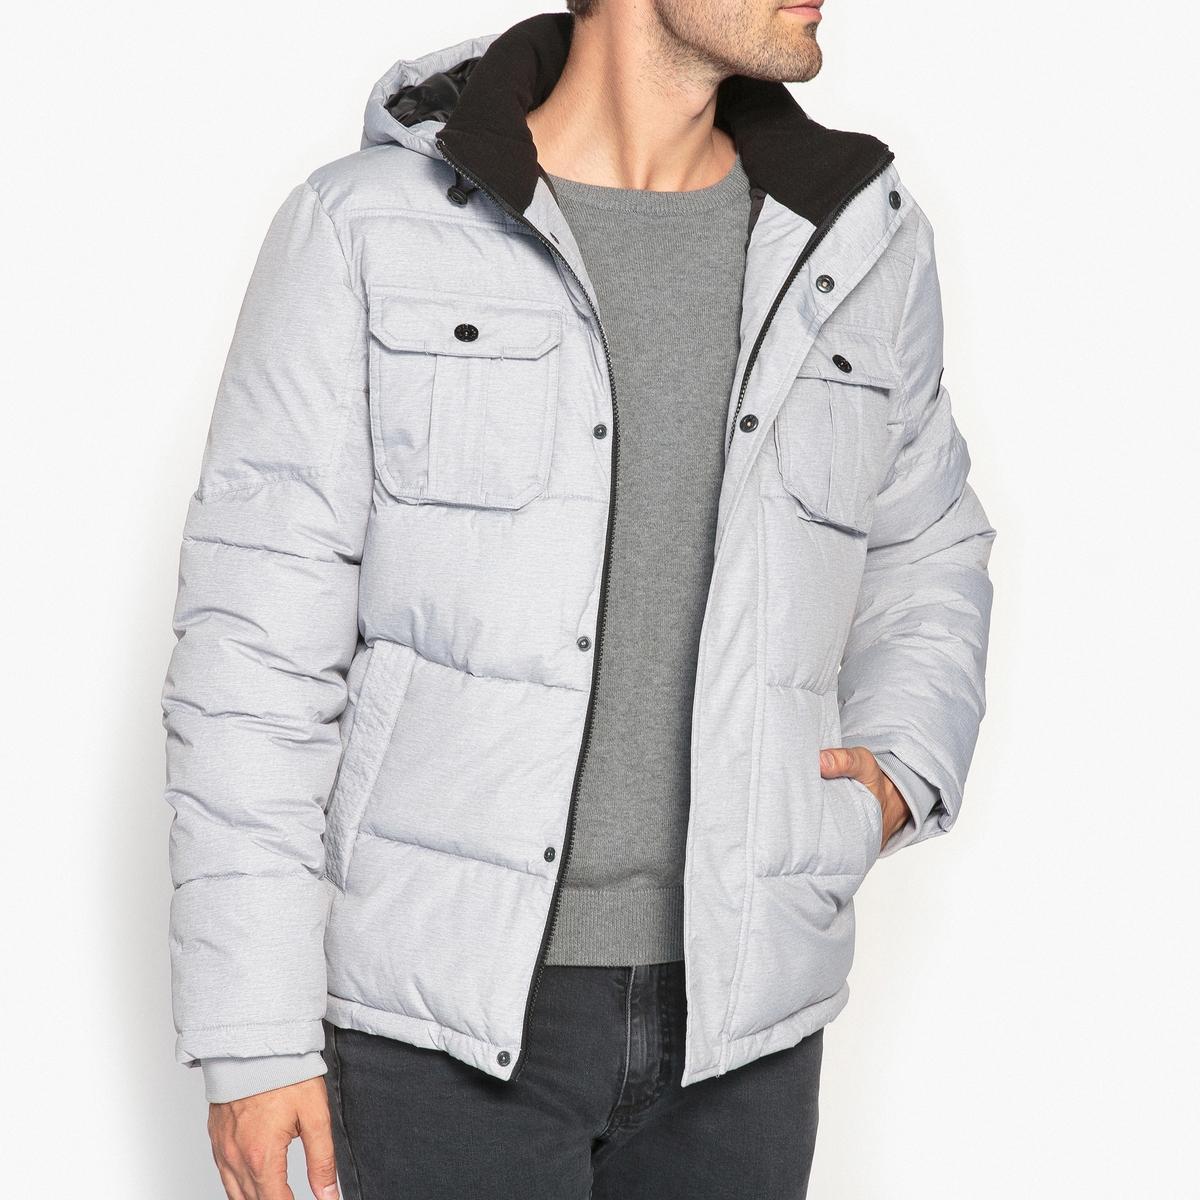 Куртка стеганая с капюшономДетали •  Длина : укороченная   •  Капюшон  •  Застежка на молнию •  С капюшоном Состав и уход •  100% полиэстер •  Следуйте советам по уходу, указанным на этикетке<br><br>Цвет: серый меланж<br>Размер: L